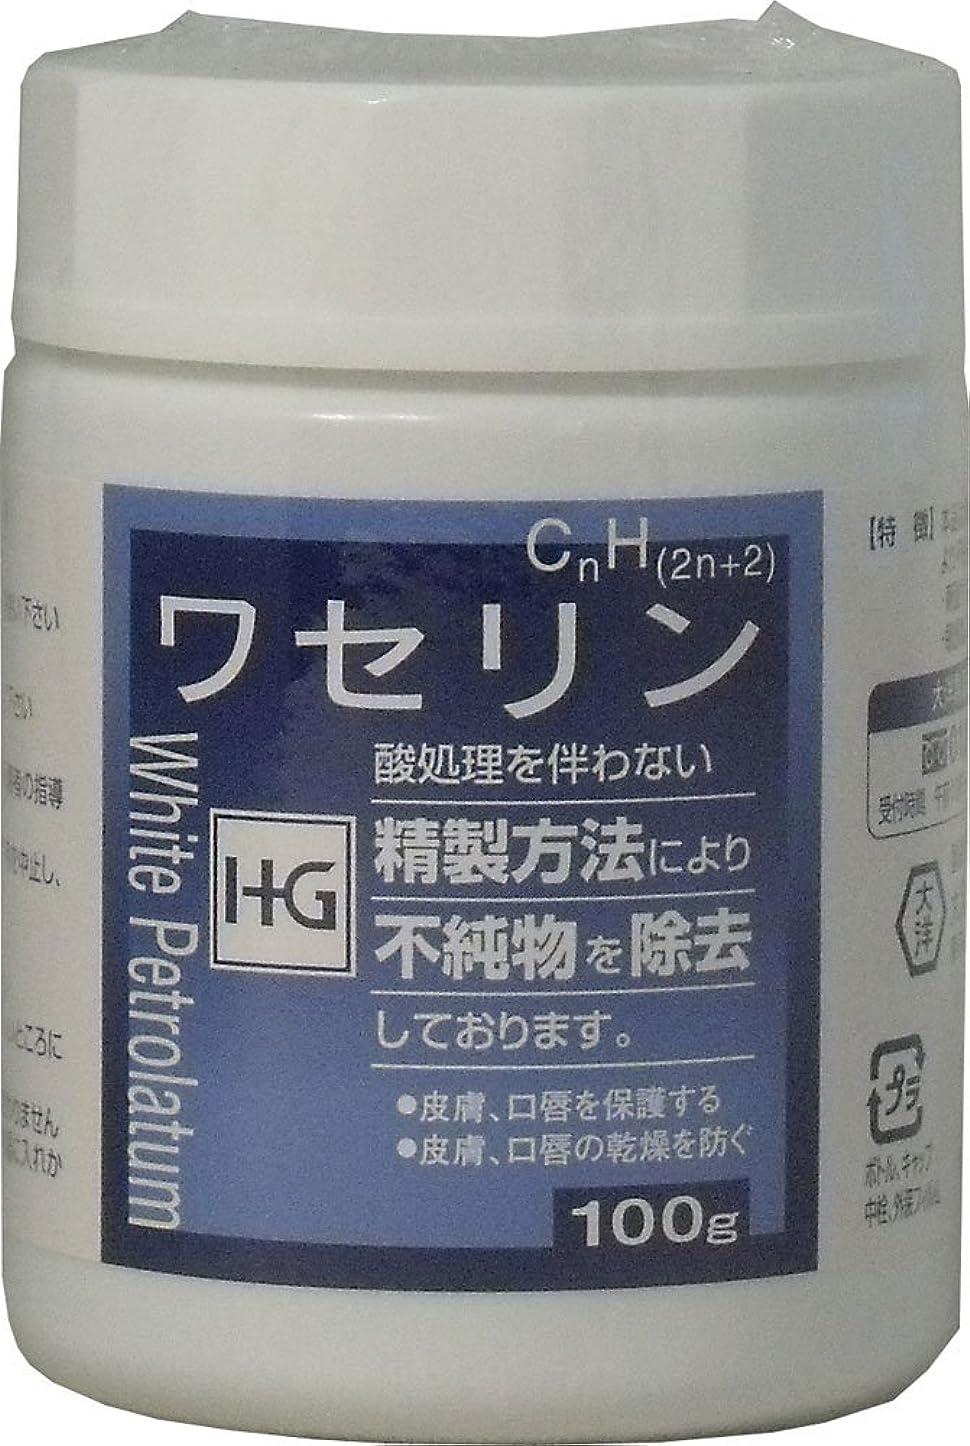 乳コマーススカイ皮膚保護 ワセリンHG 100g ×10個セット